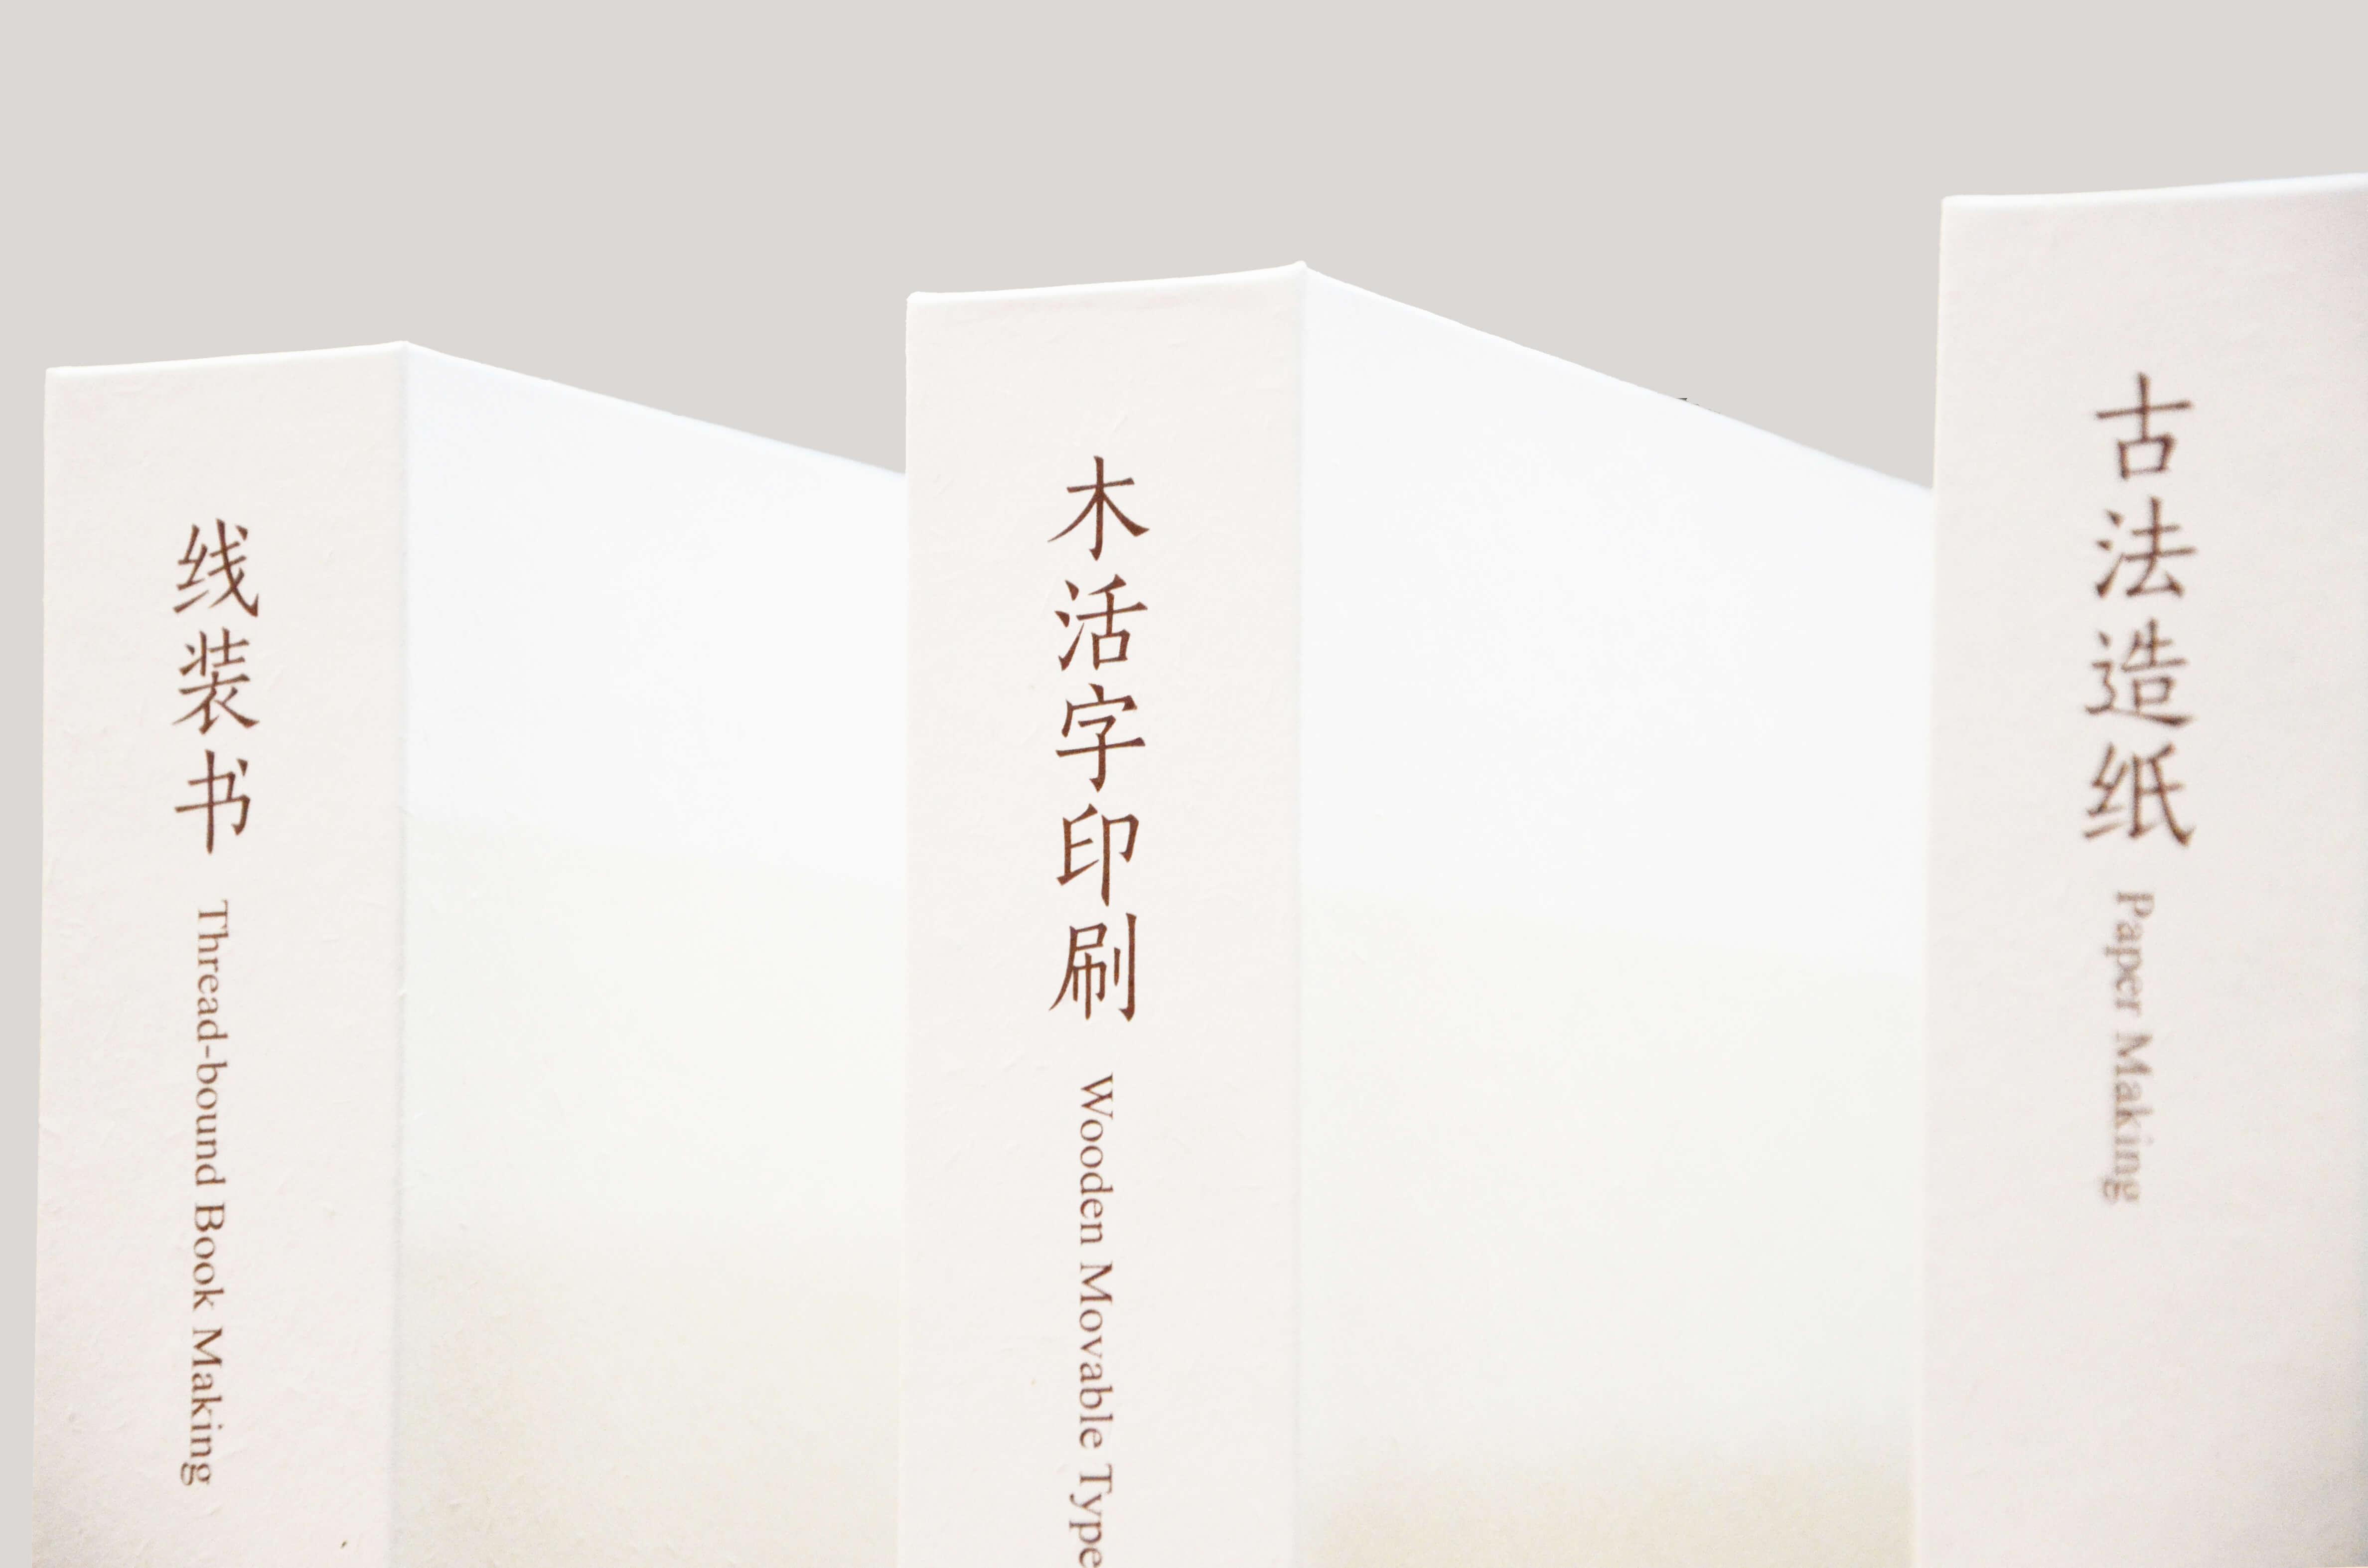 北大培文紙文化體驗包